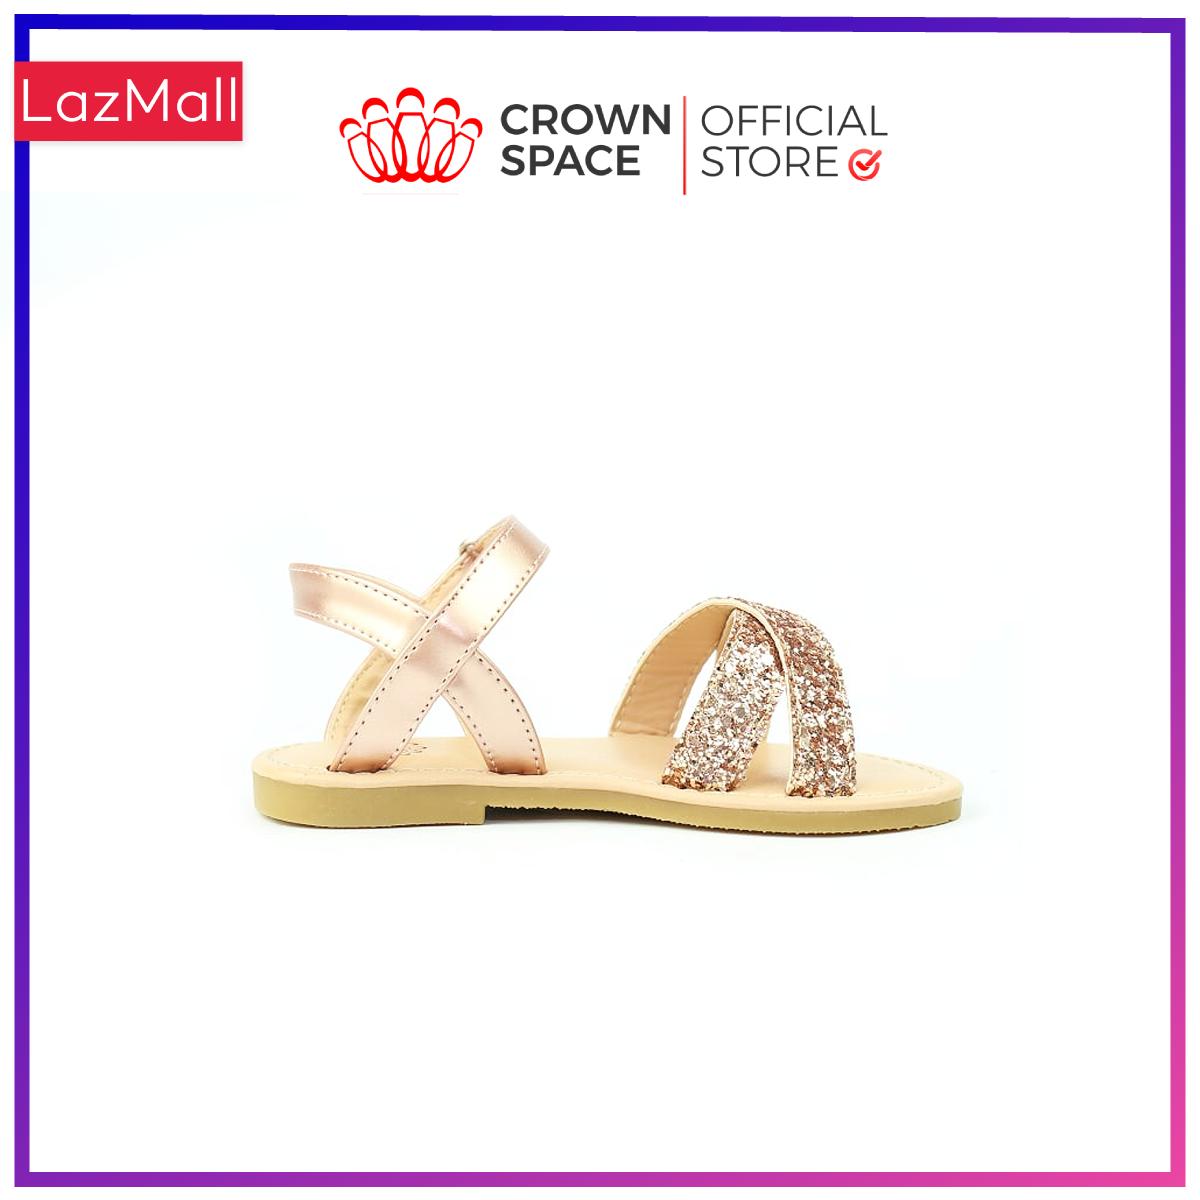 Xăng đan Bé Gái Đi Học Đi Chơi Crown Space UK Sandals Trẻ em Cao Cấp CRUK7010 Nhẹ Êm Thoáng Size 25-34/2-14 Tuổi